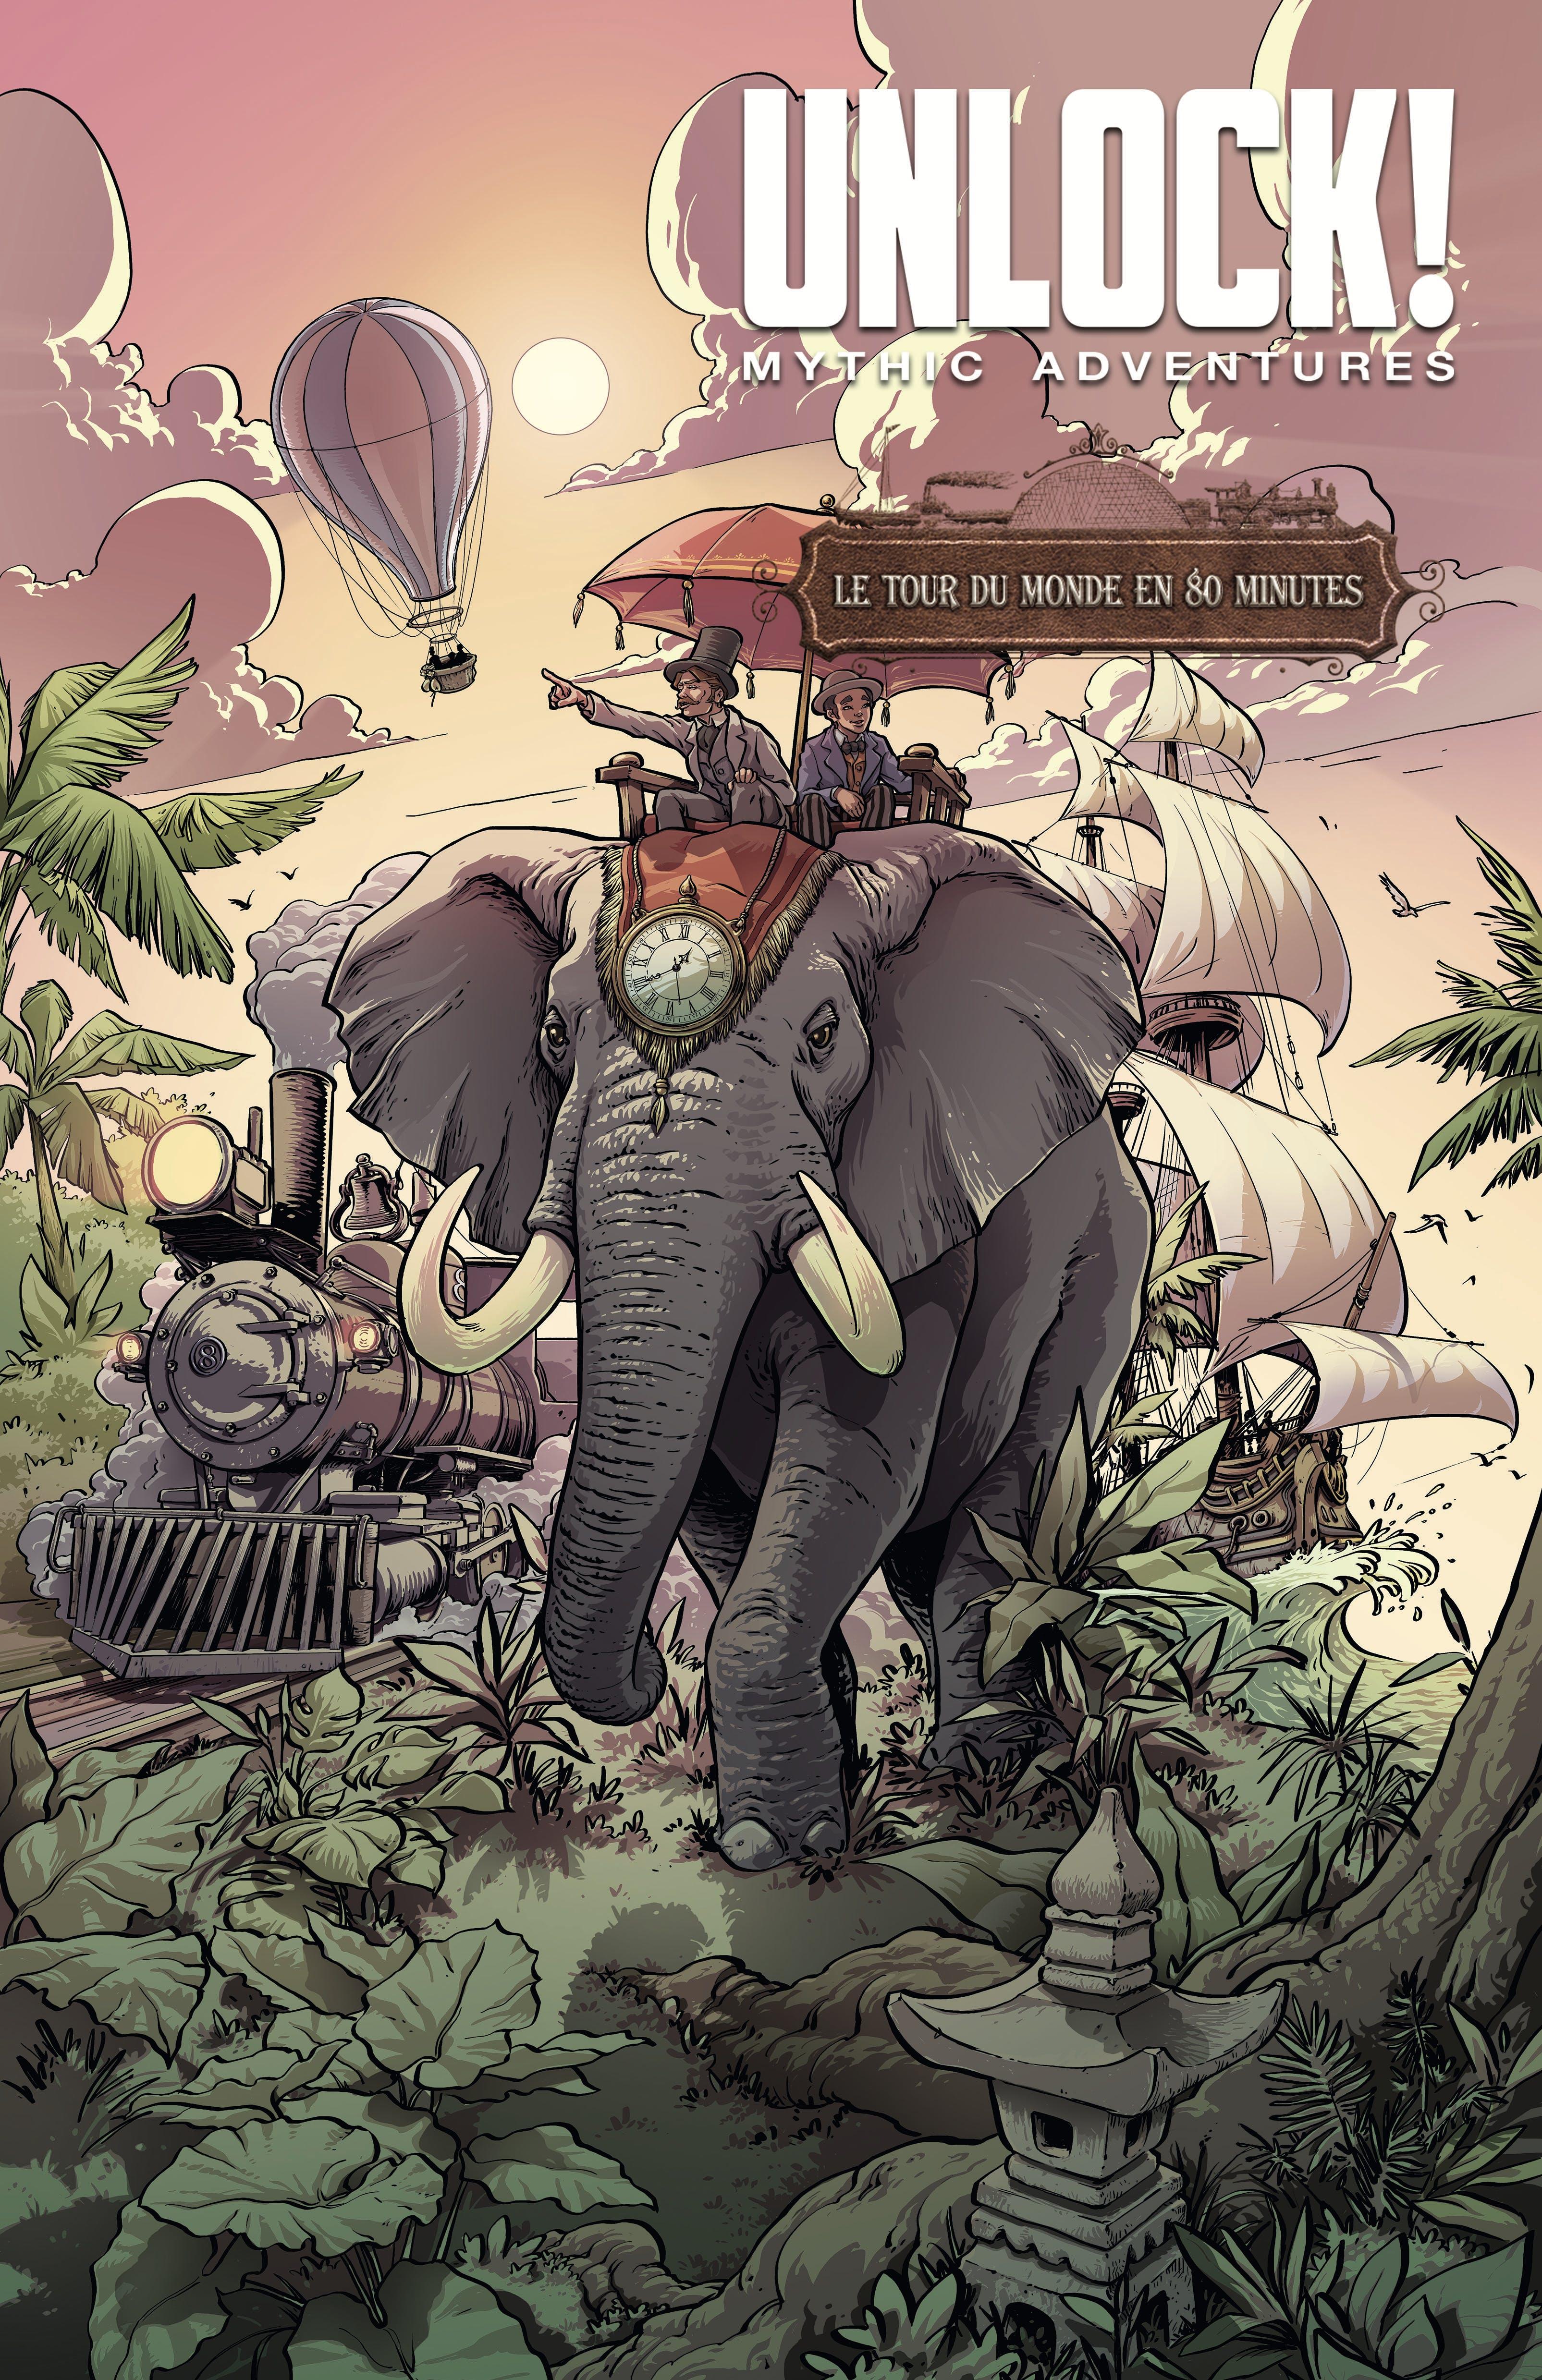 Unlock! Mythic Adventures - Le tour du monde en 80 minutes